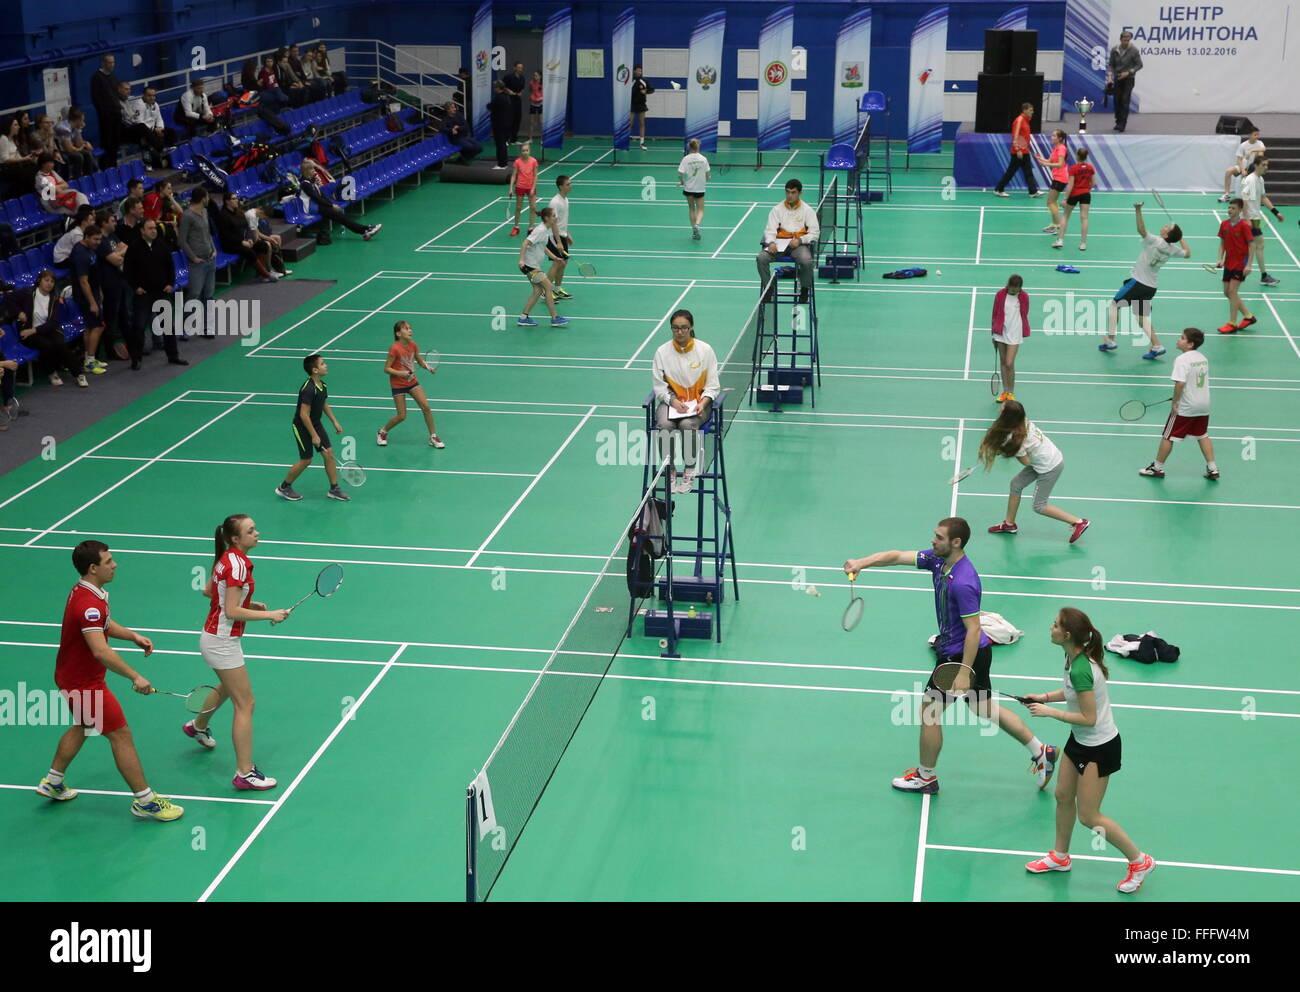 Kazan, Russie. Feb 13, 2016. Les participants à une compétition de badminton qui a eu lieu dans le cadre Photo Stock